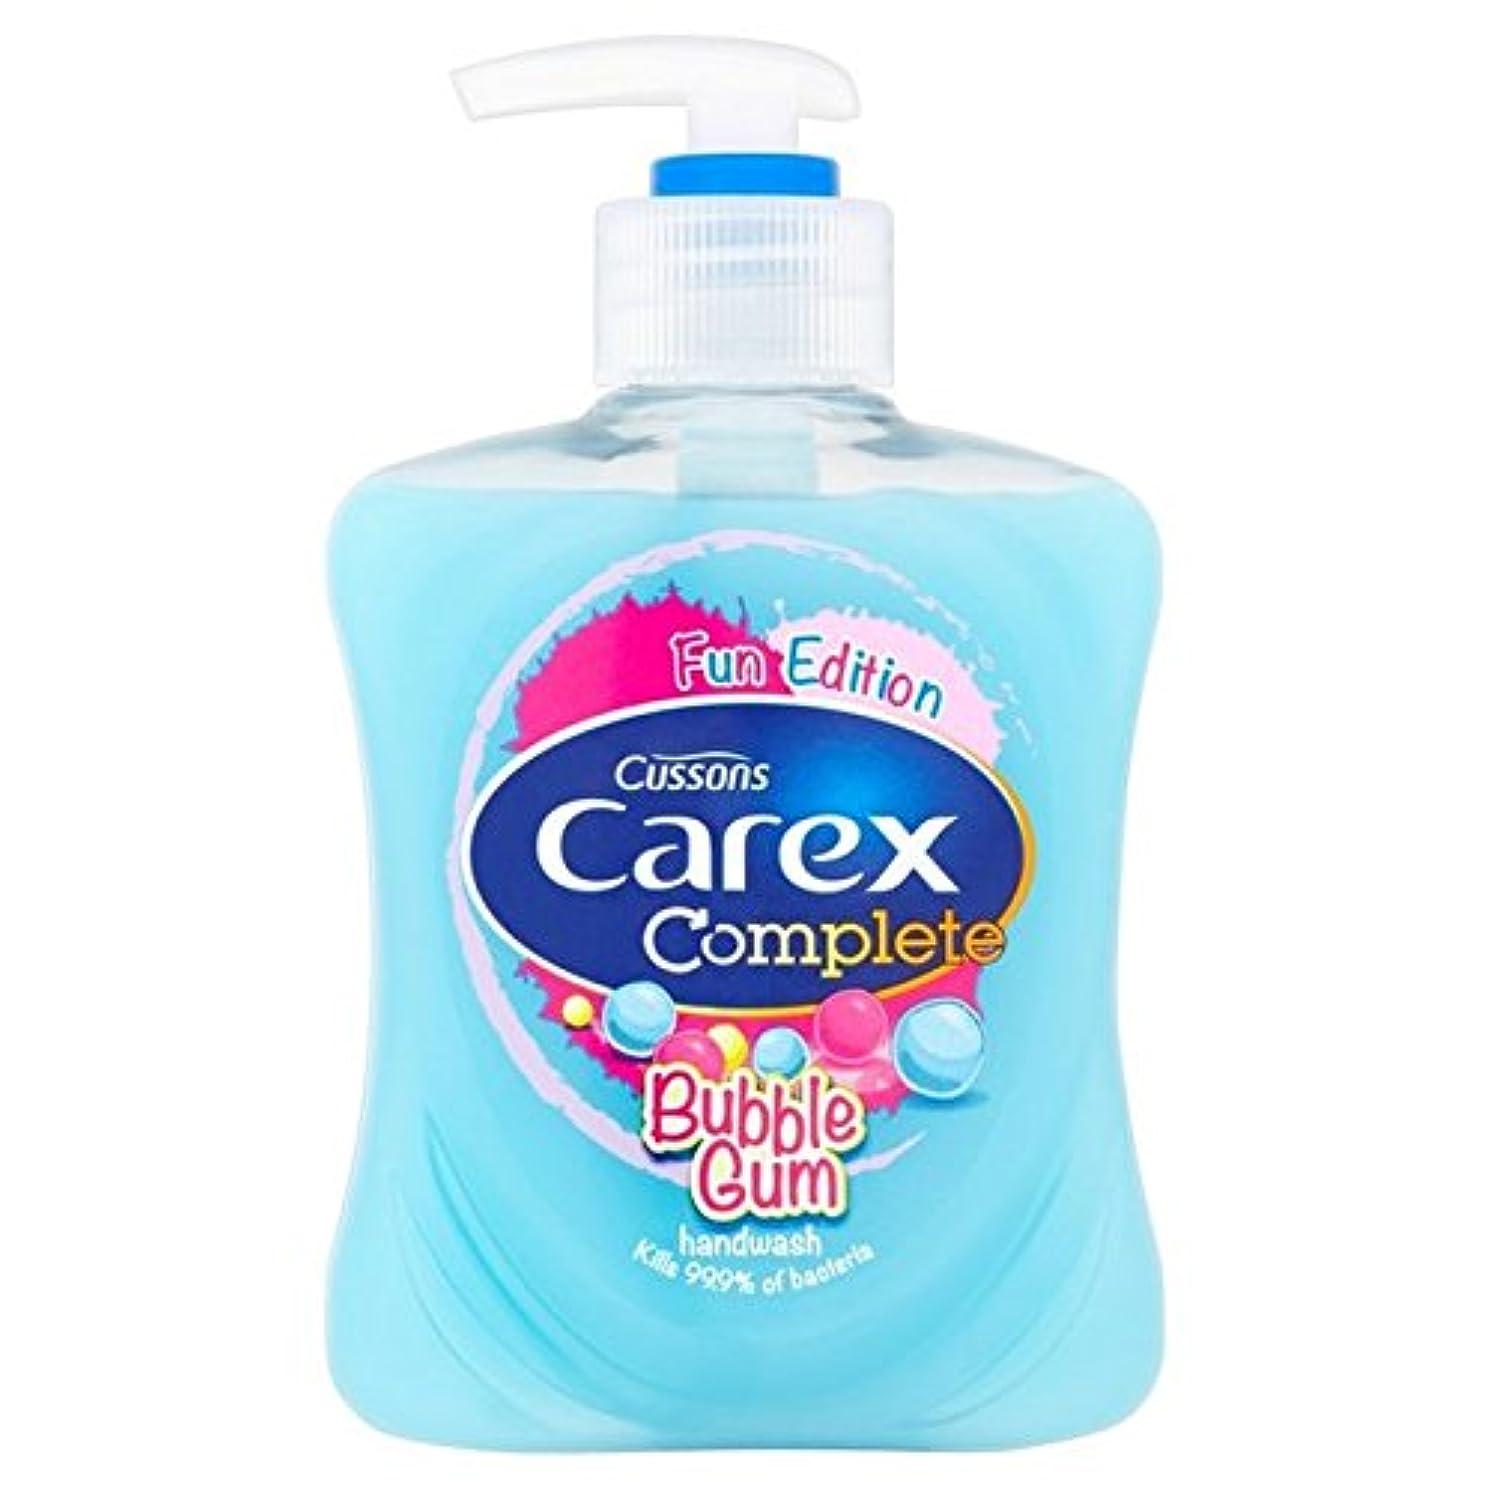 慣れている電話に出る凍ったスゲ子供手洗いバブルガムの250ミリリットル x2 - Carex Kids Handwash Bubblegum 250ml (Pack of 2) [並行輸入品]